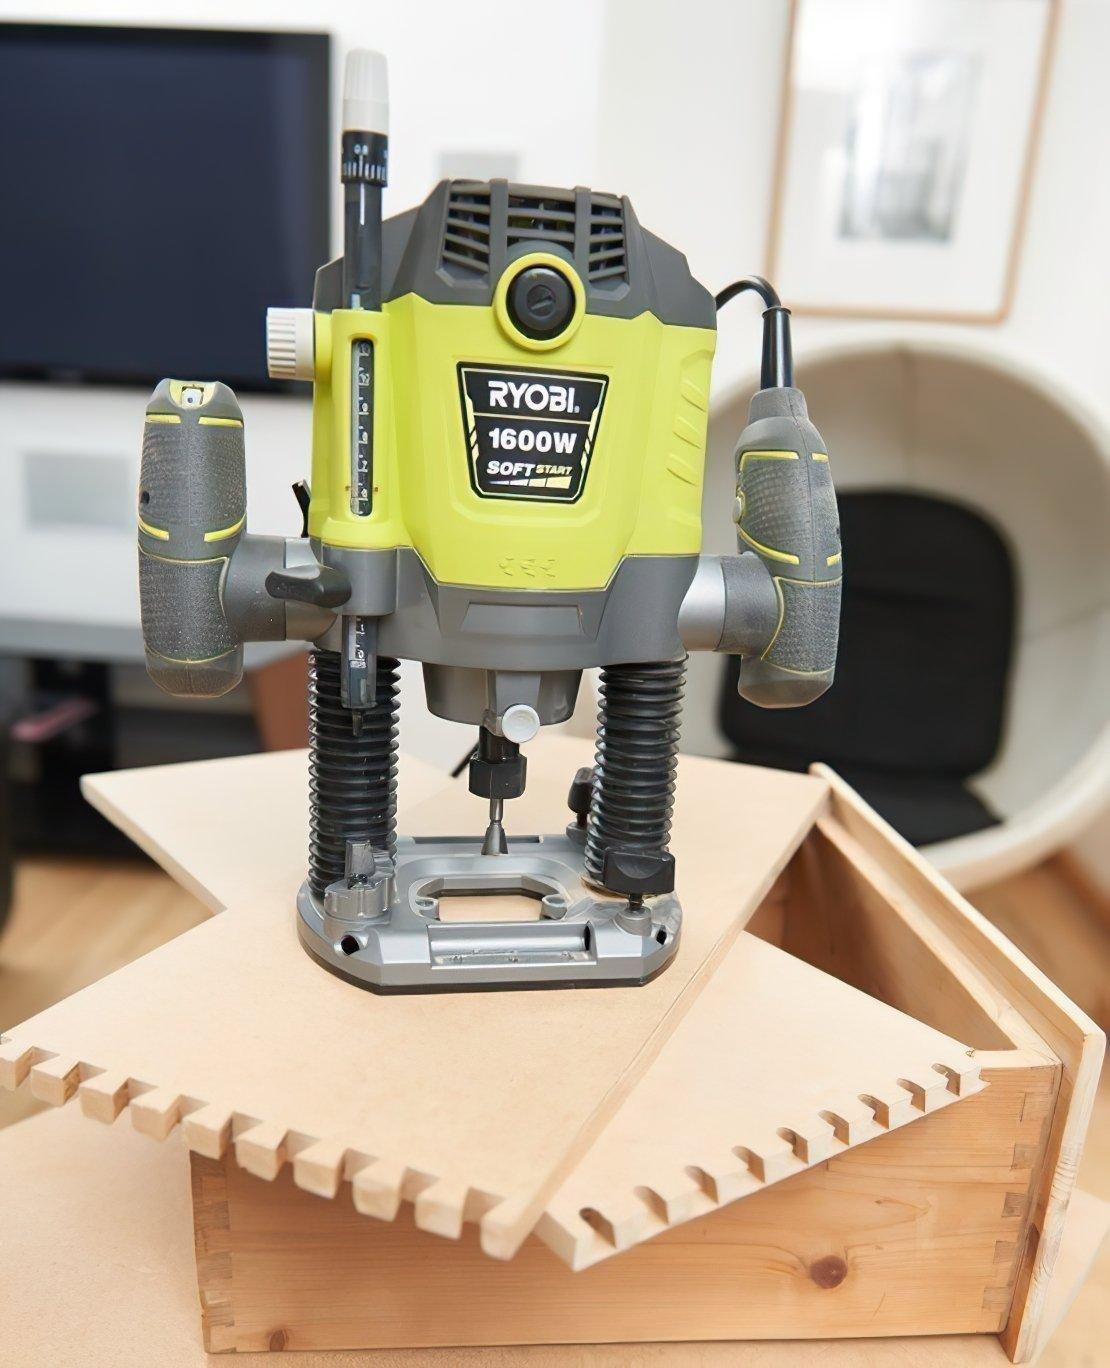 Фрезер Ryobi электрический RRT1600P-K, 1600Вт, ход фрезы 55 мм, 10000-26000 об / мин фото